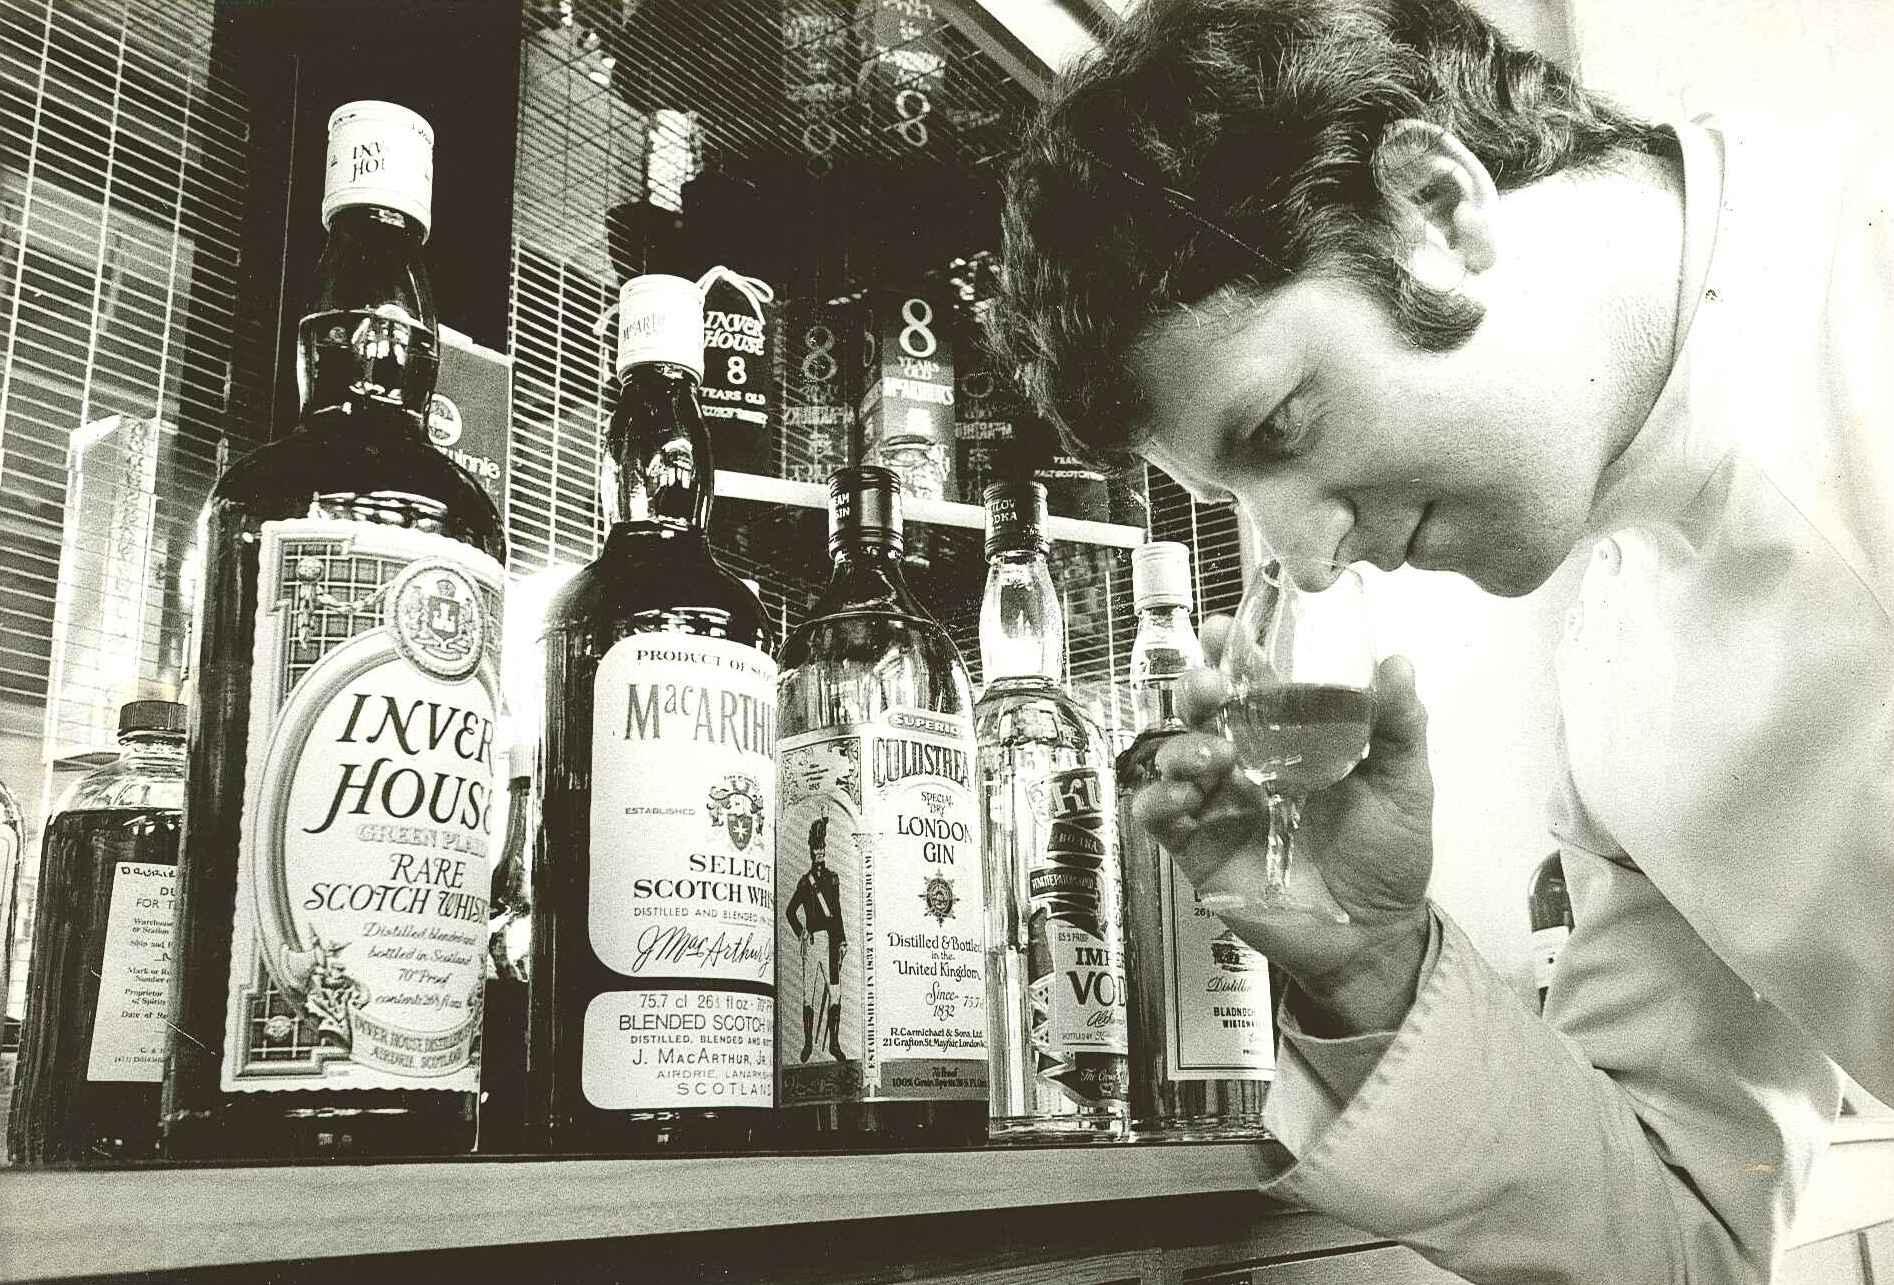 Billy Walker Inver House Distillers